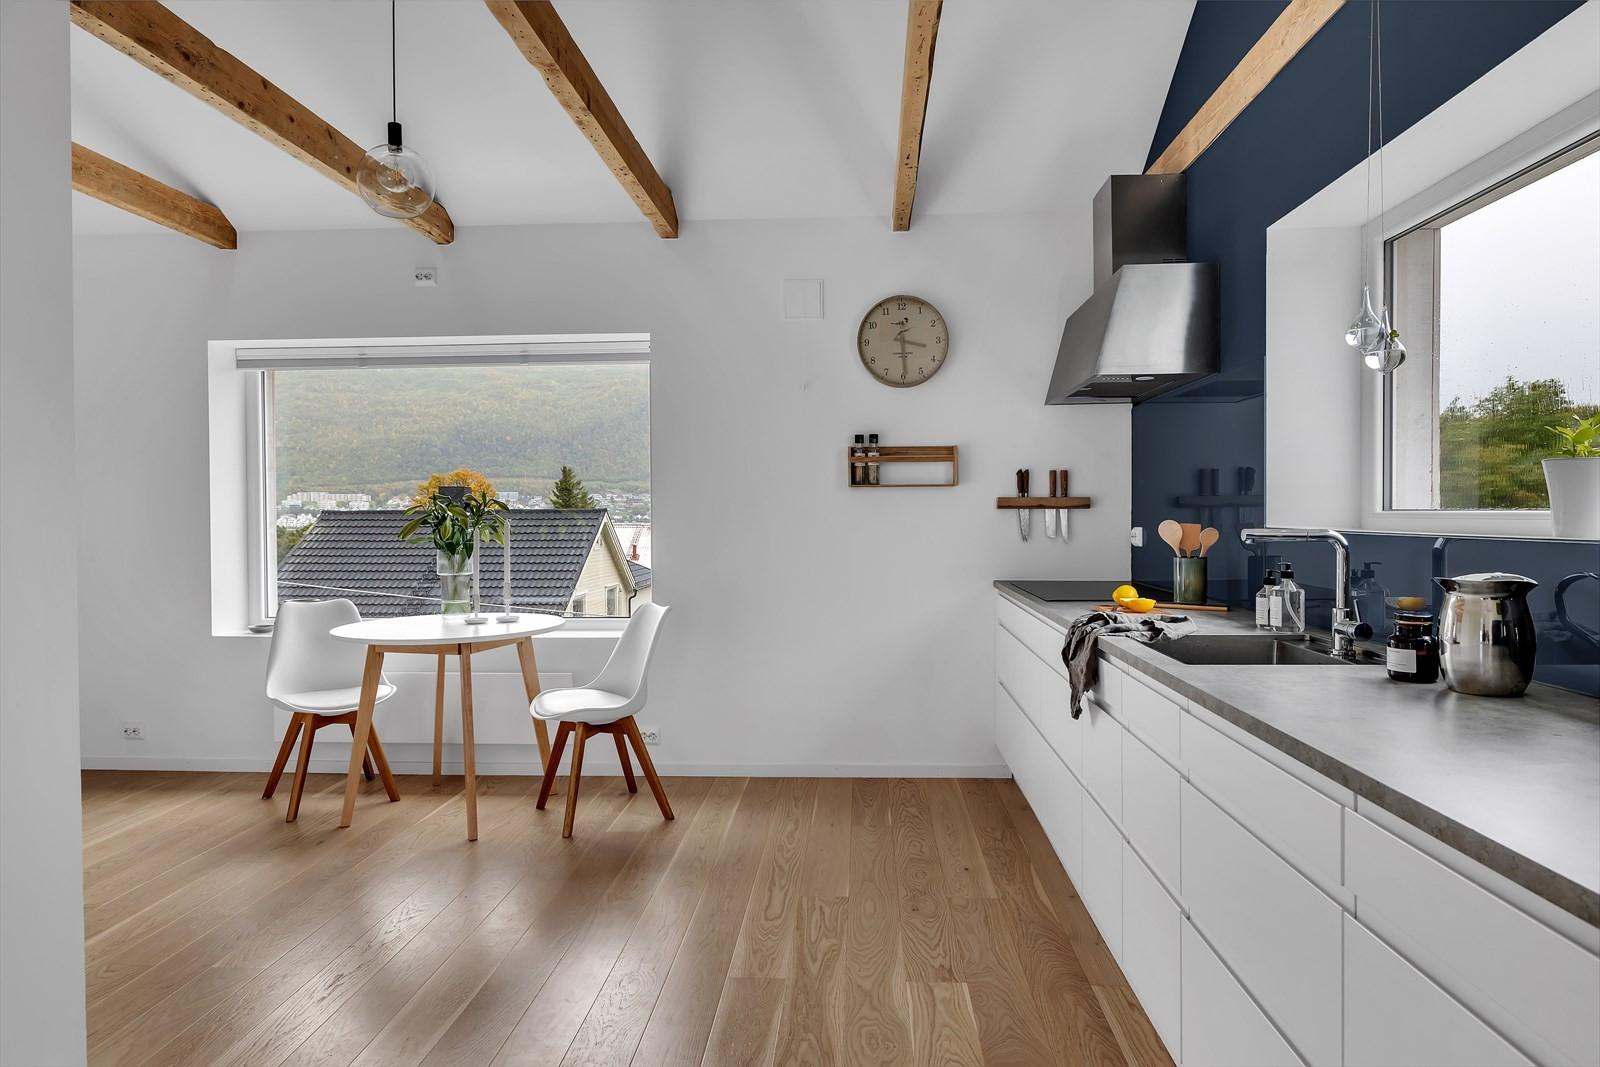 Du finner plass til spisebord mellom kjøkken og stue